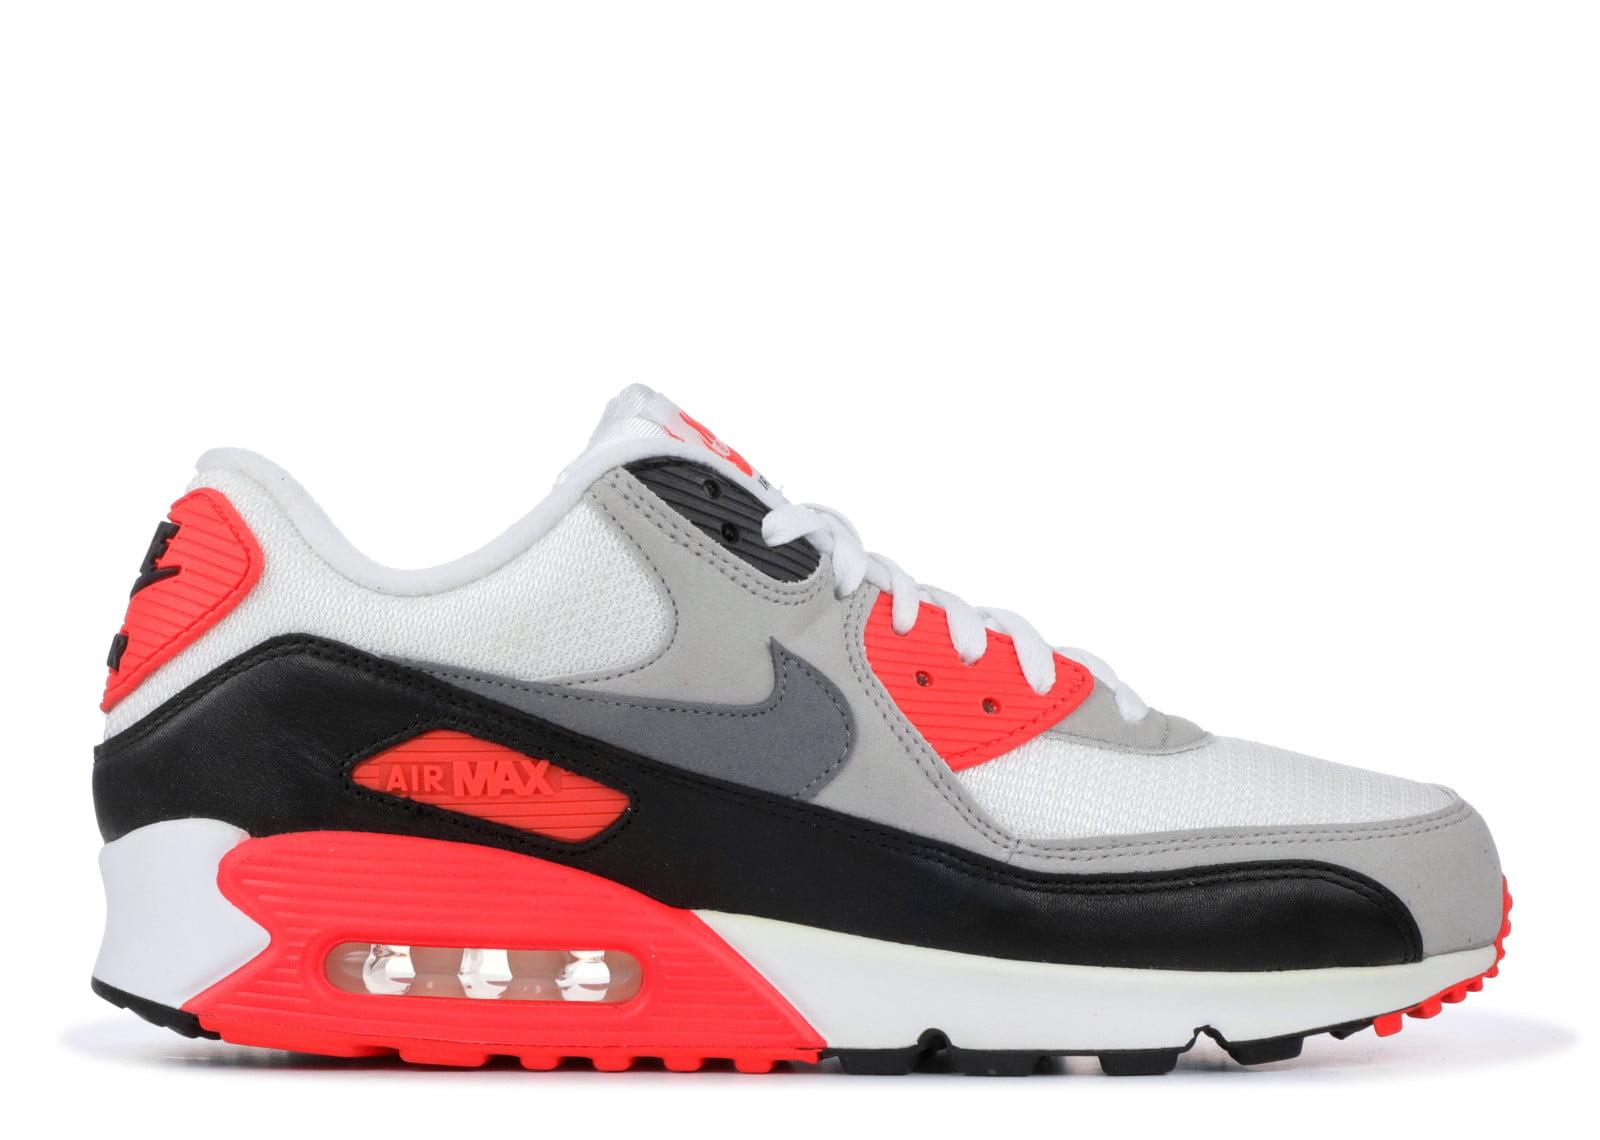 wholesale dealer b3ff8 f34d0 Nike - Men - Air Max 90 Og 'Infrared' - 725233-106 - Size 12